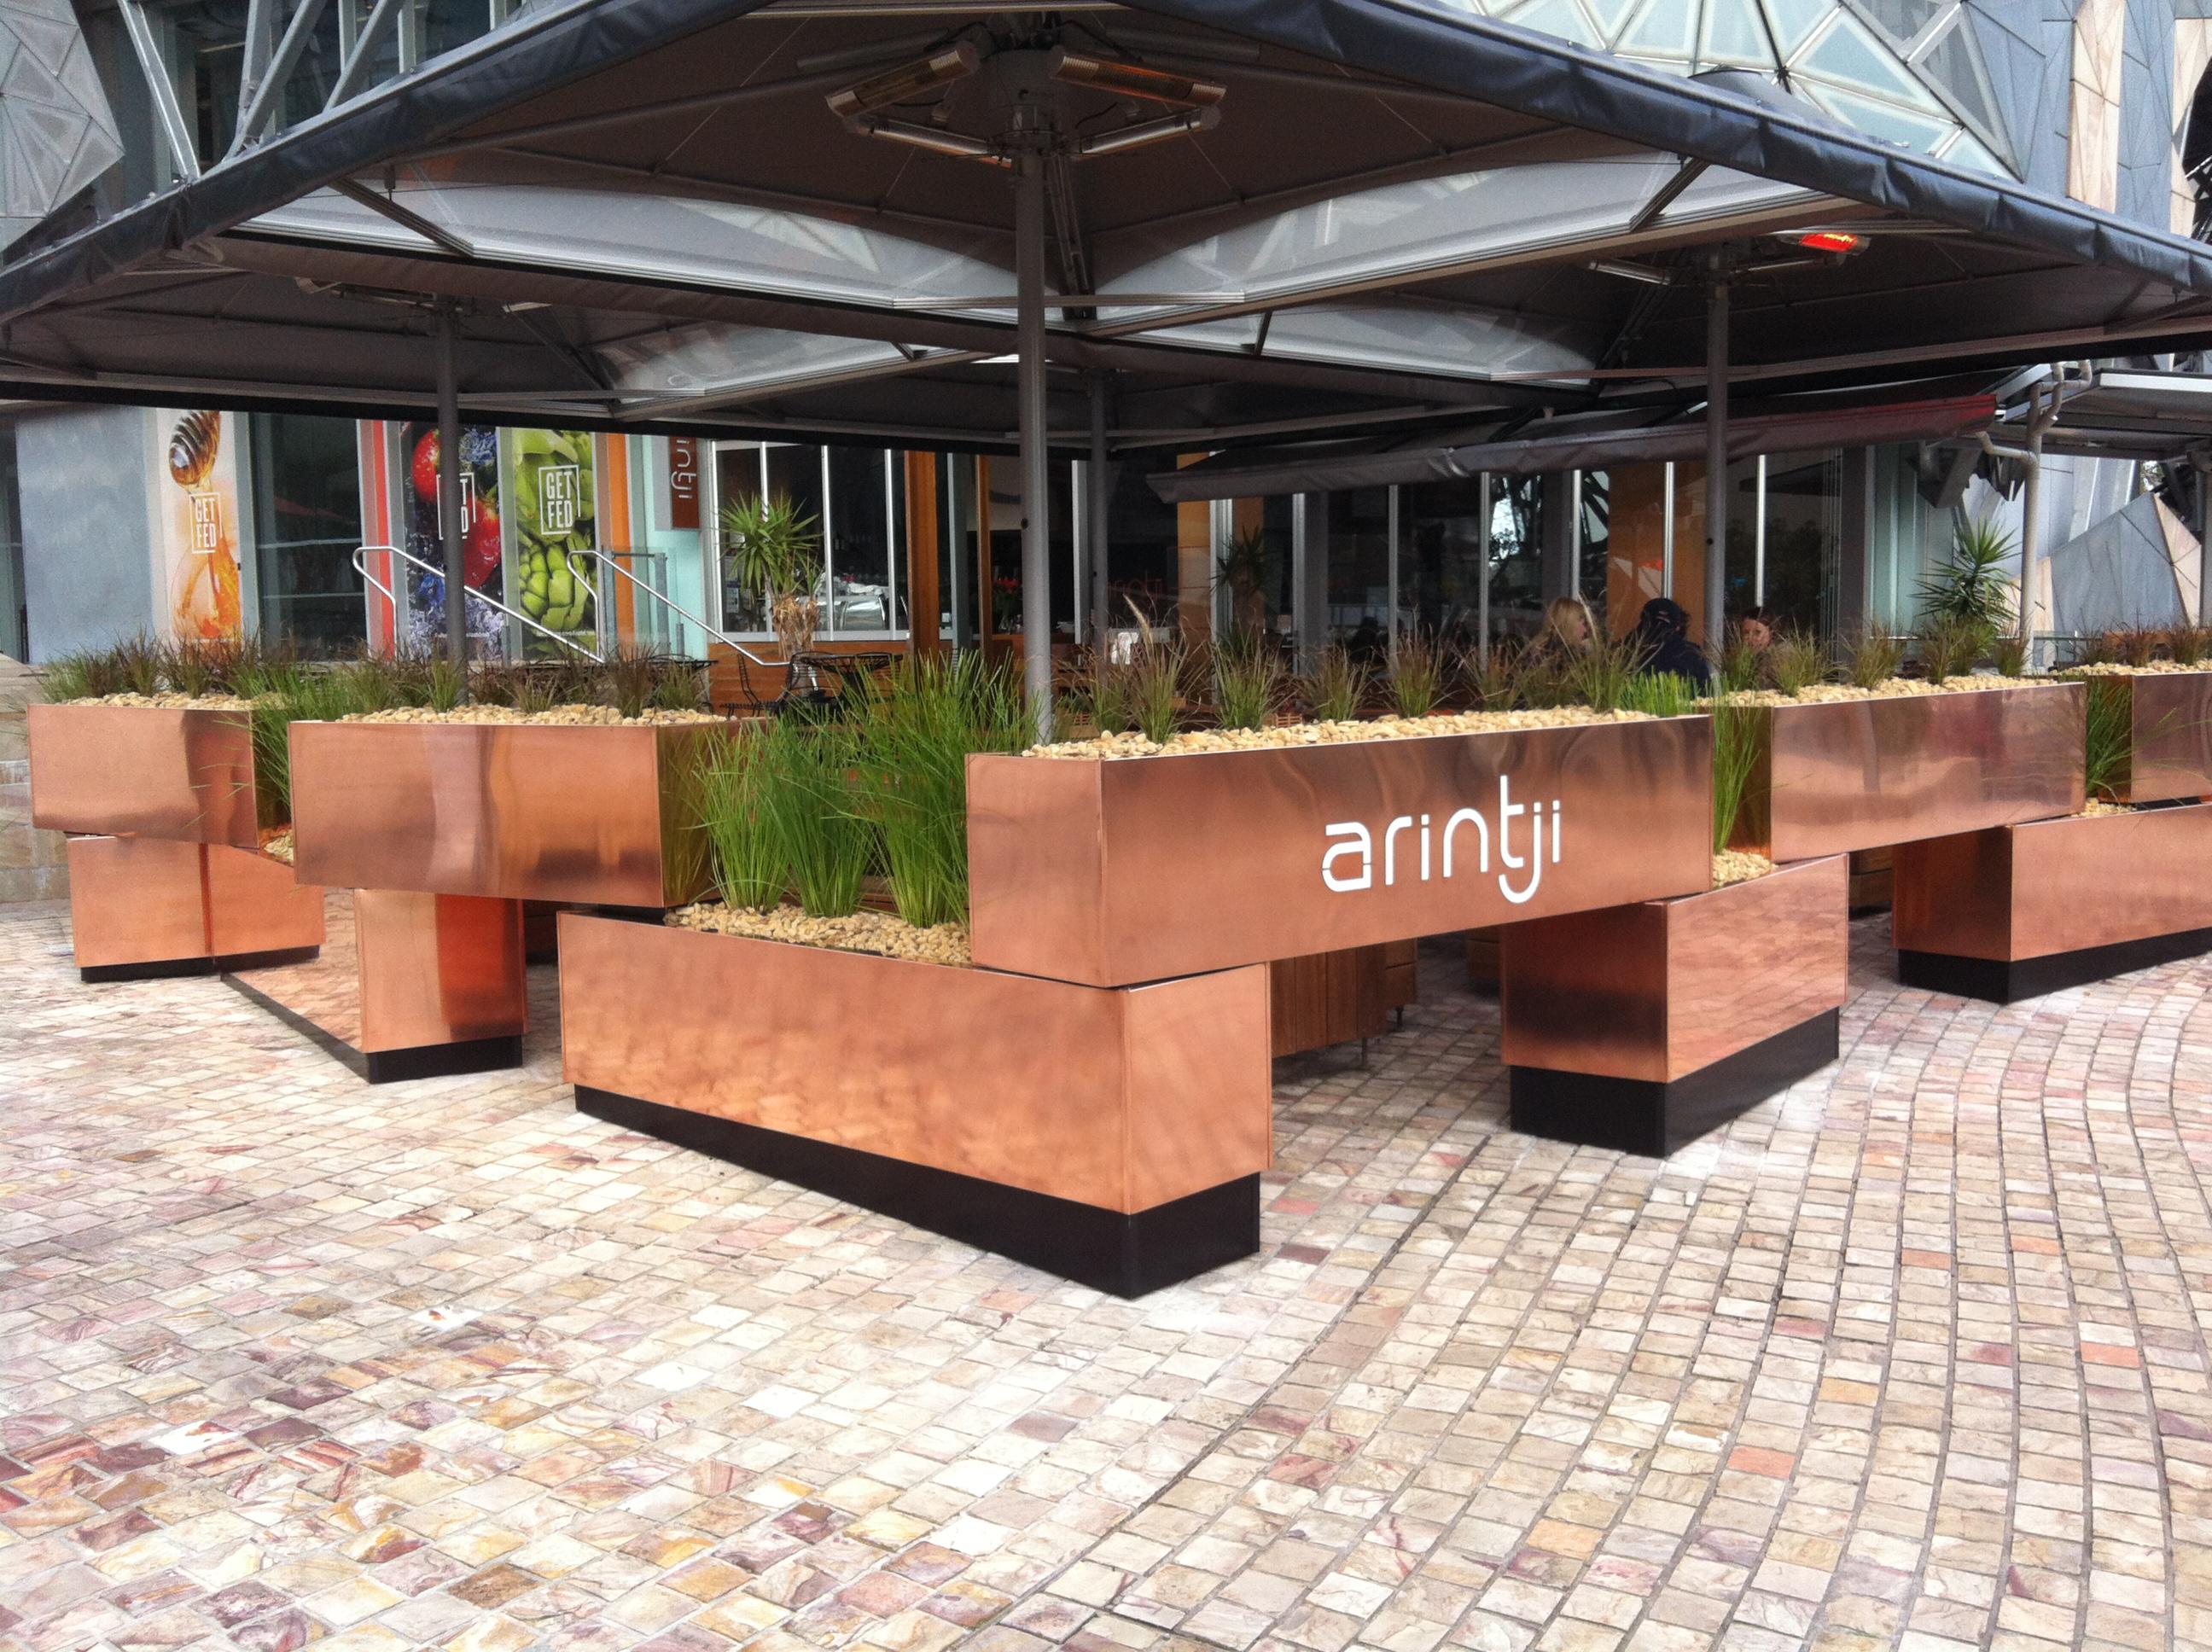 h2o designs Arintji Melbourne copper planter box